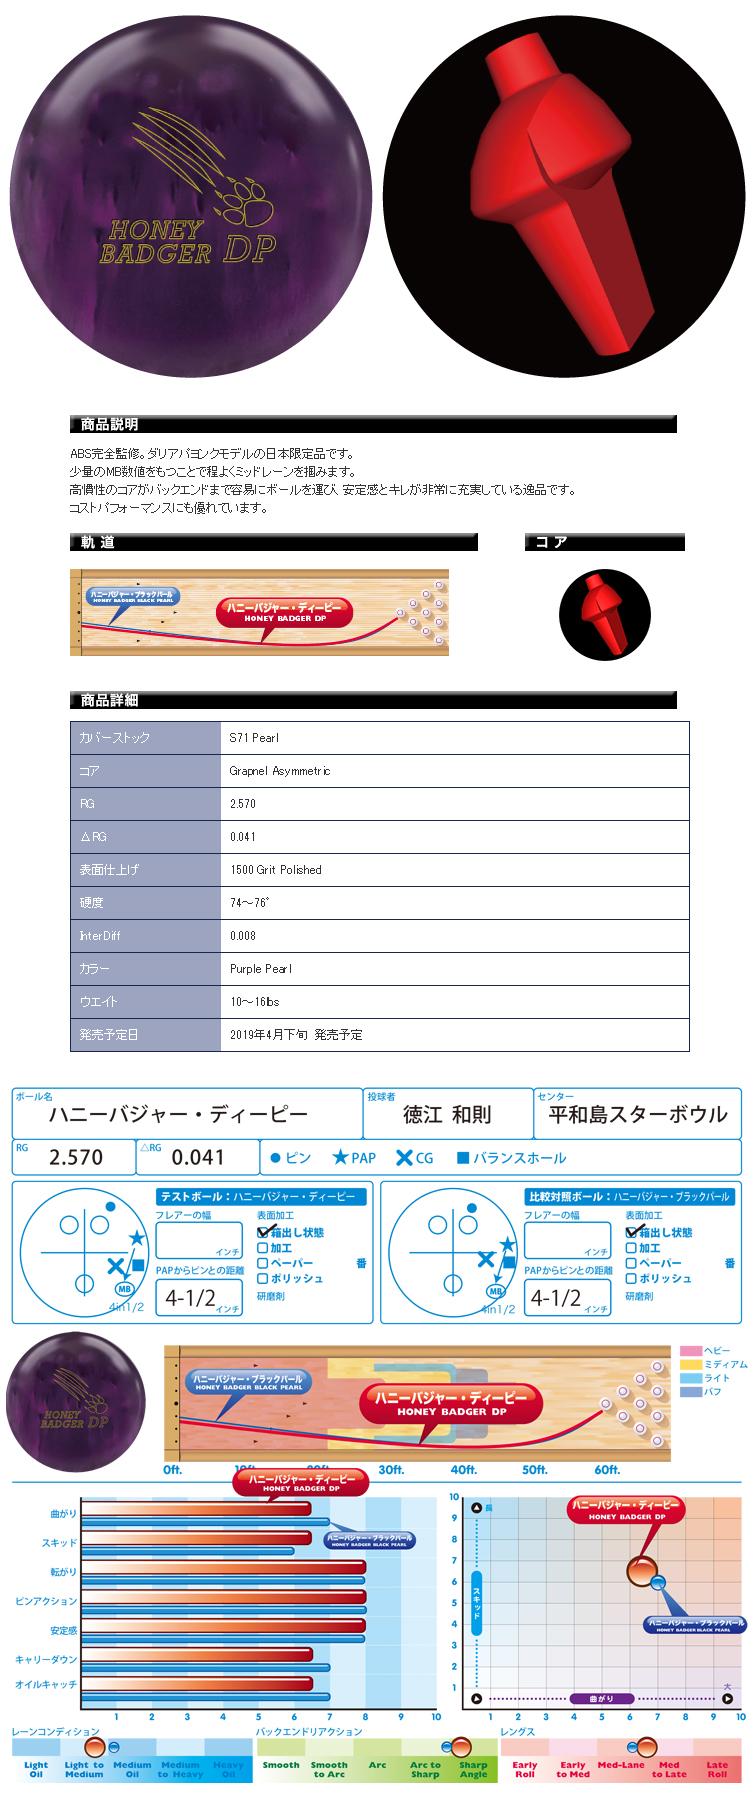 ボウリング用品 ボウリングボール 900グローバル 900GLOBAL ハニーバジャーDP HONEY BADGER DP